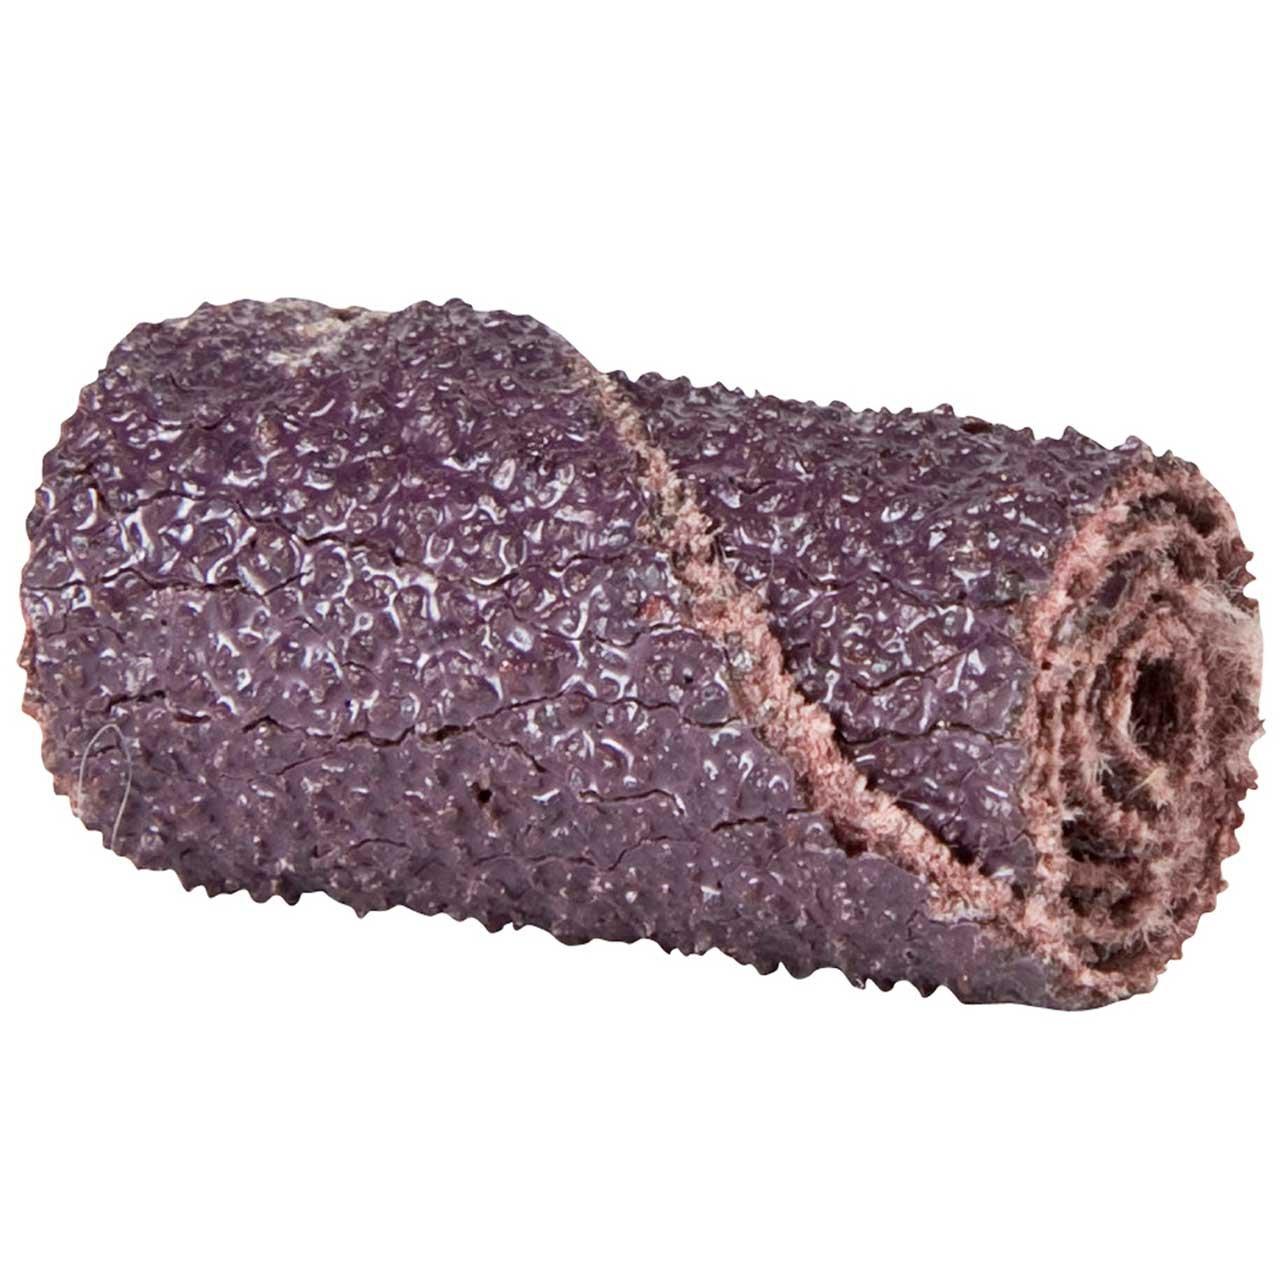 Grit 240 Aluminum Oxide Roll 1//2 Diameter x 1 Length Pack of 100 1//8 Arbor Merit Abrasive Cartridge Roll